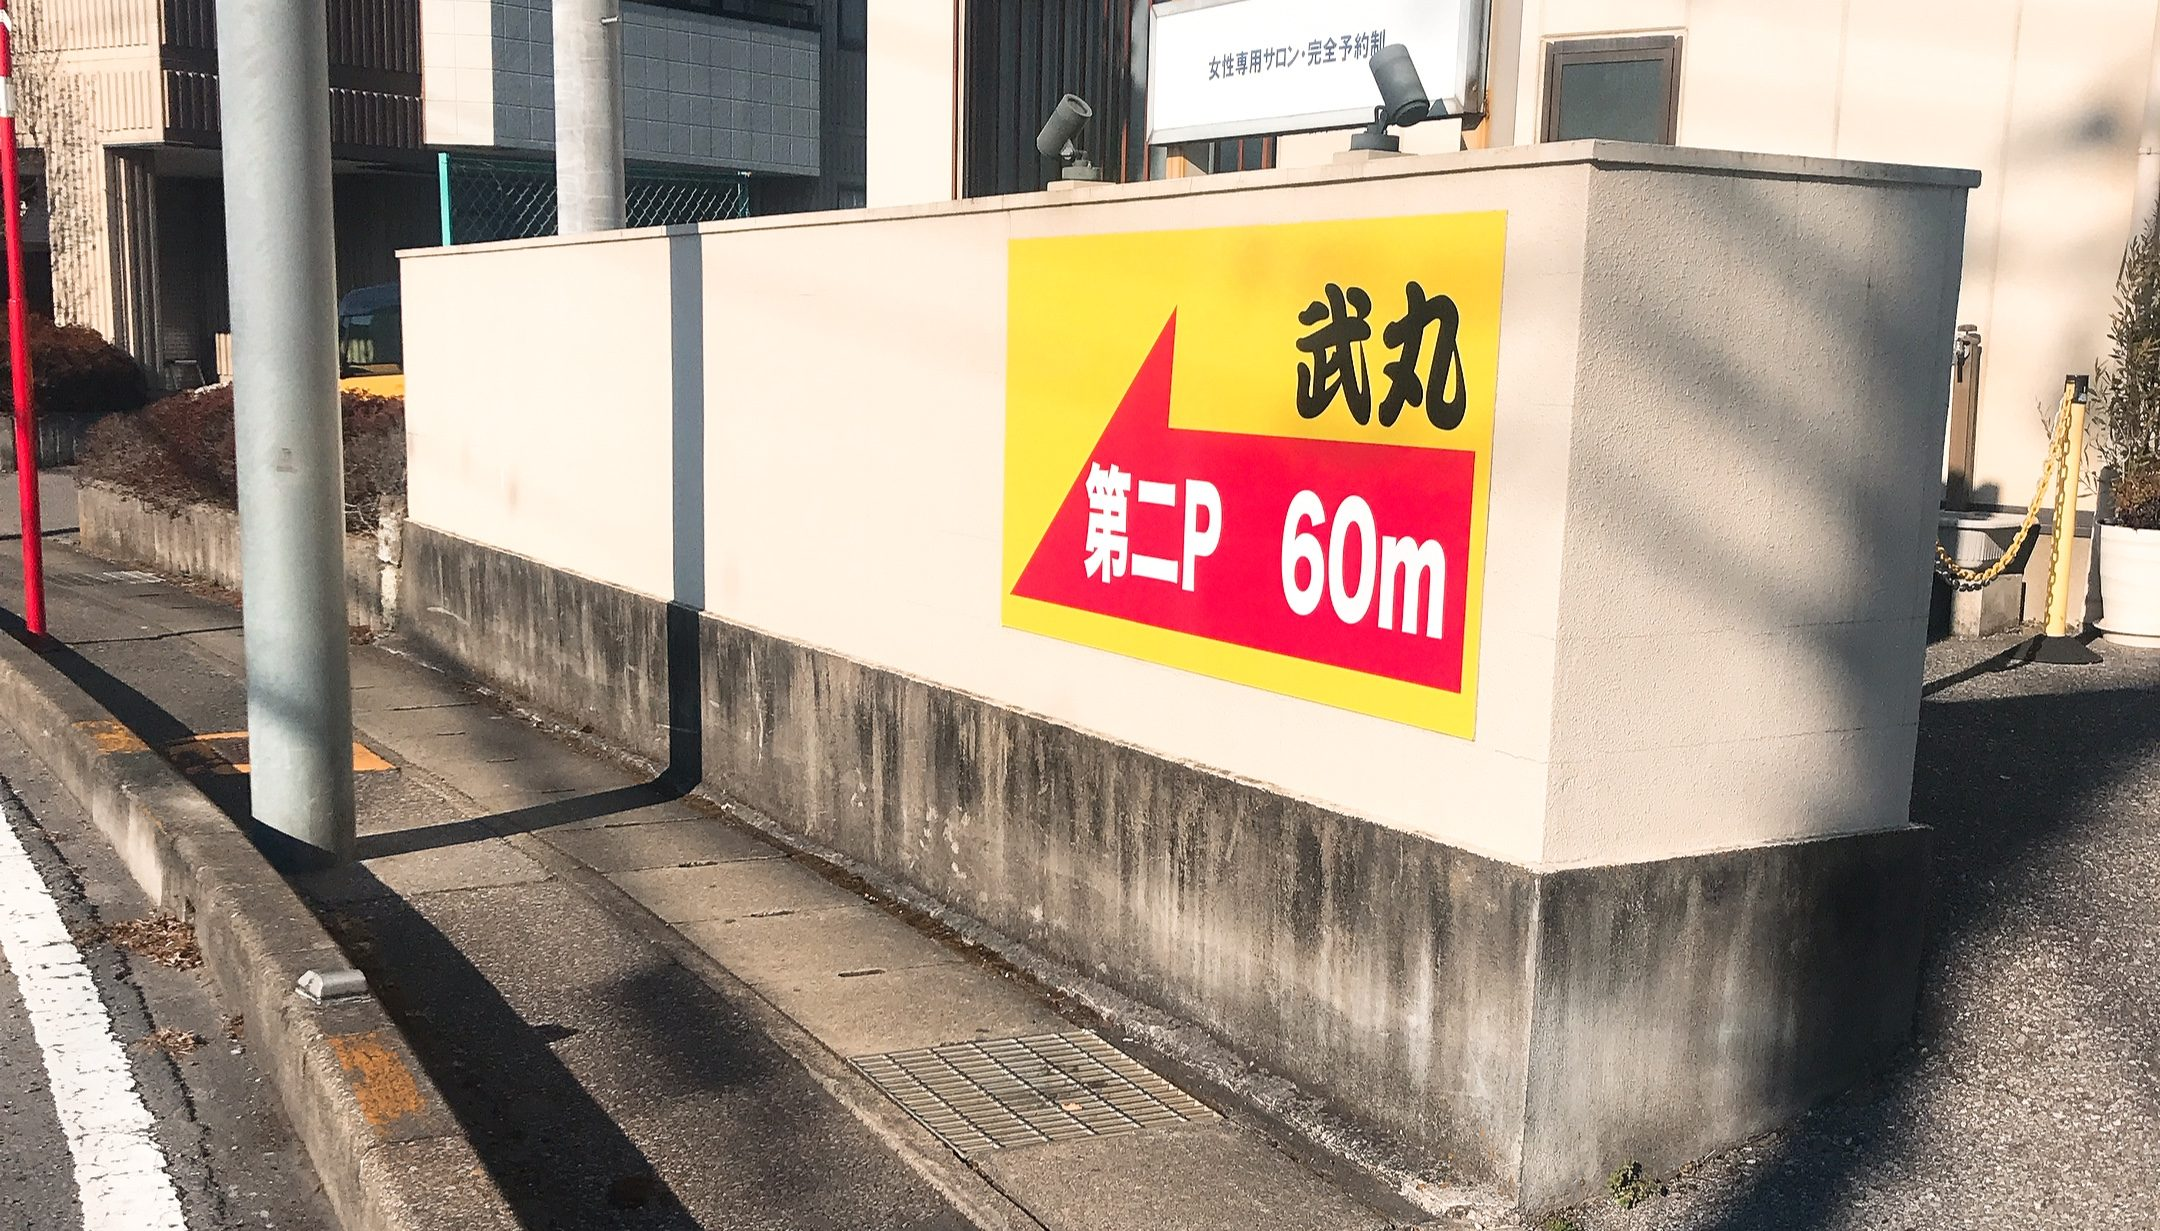 武丸第二駐車場の案内